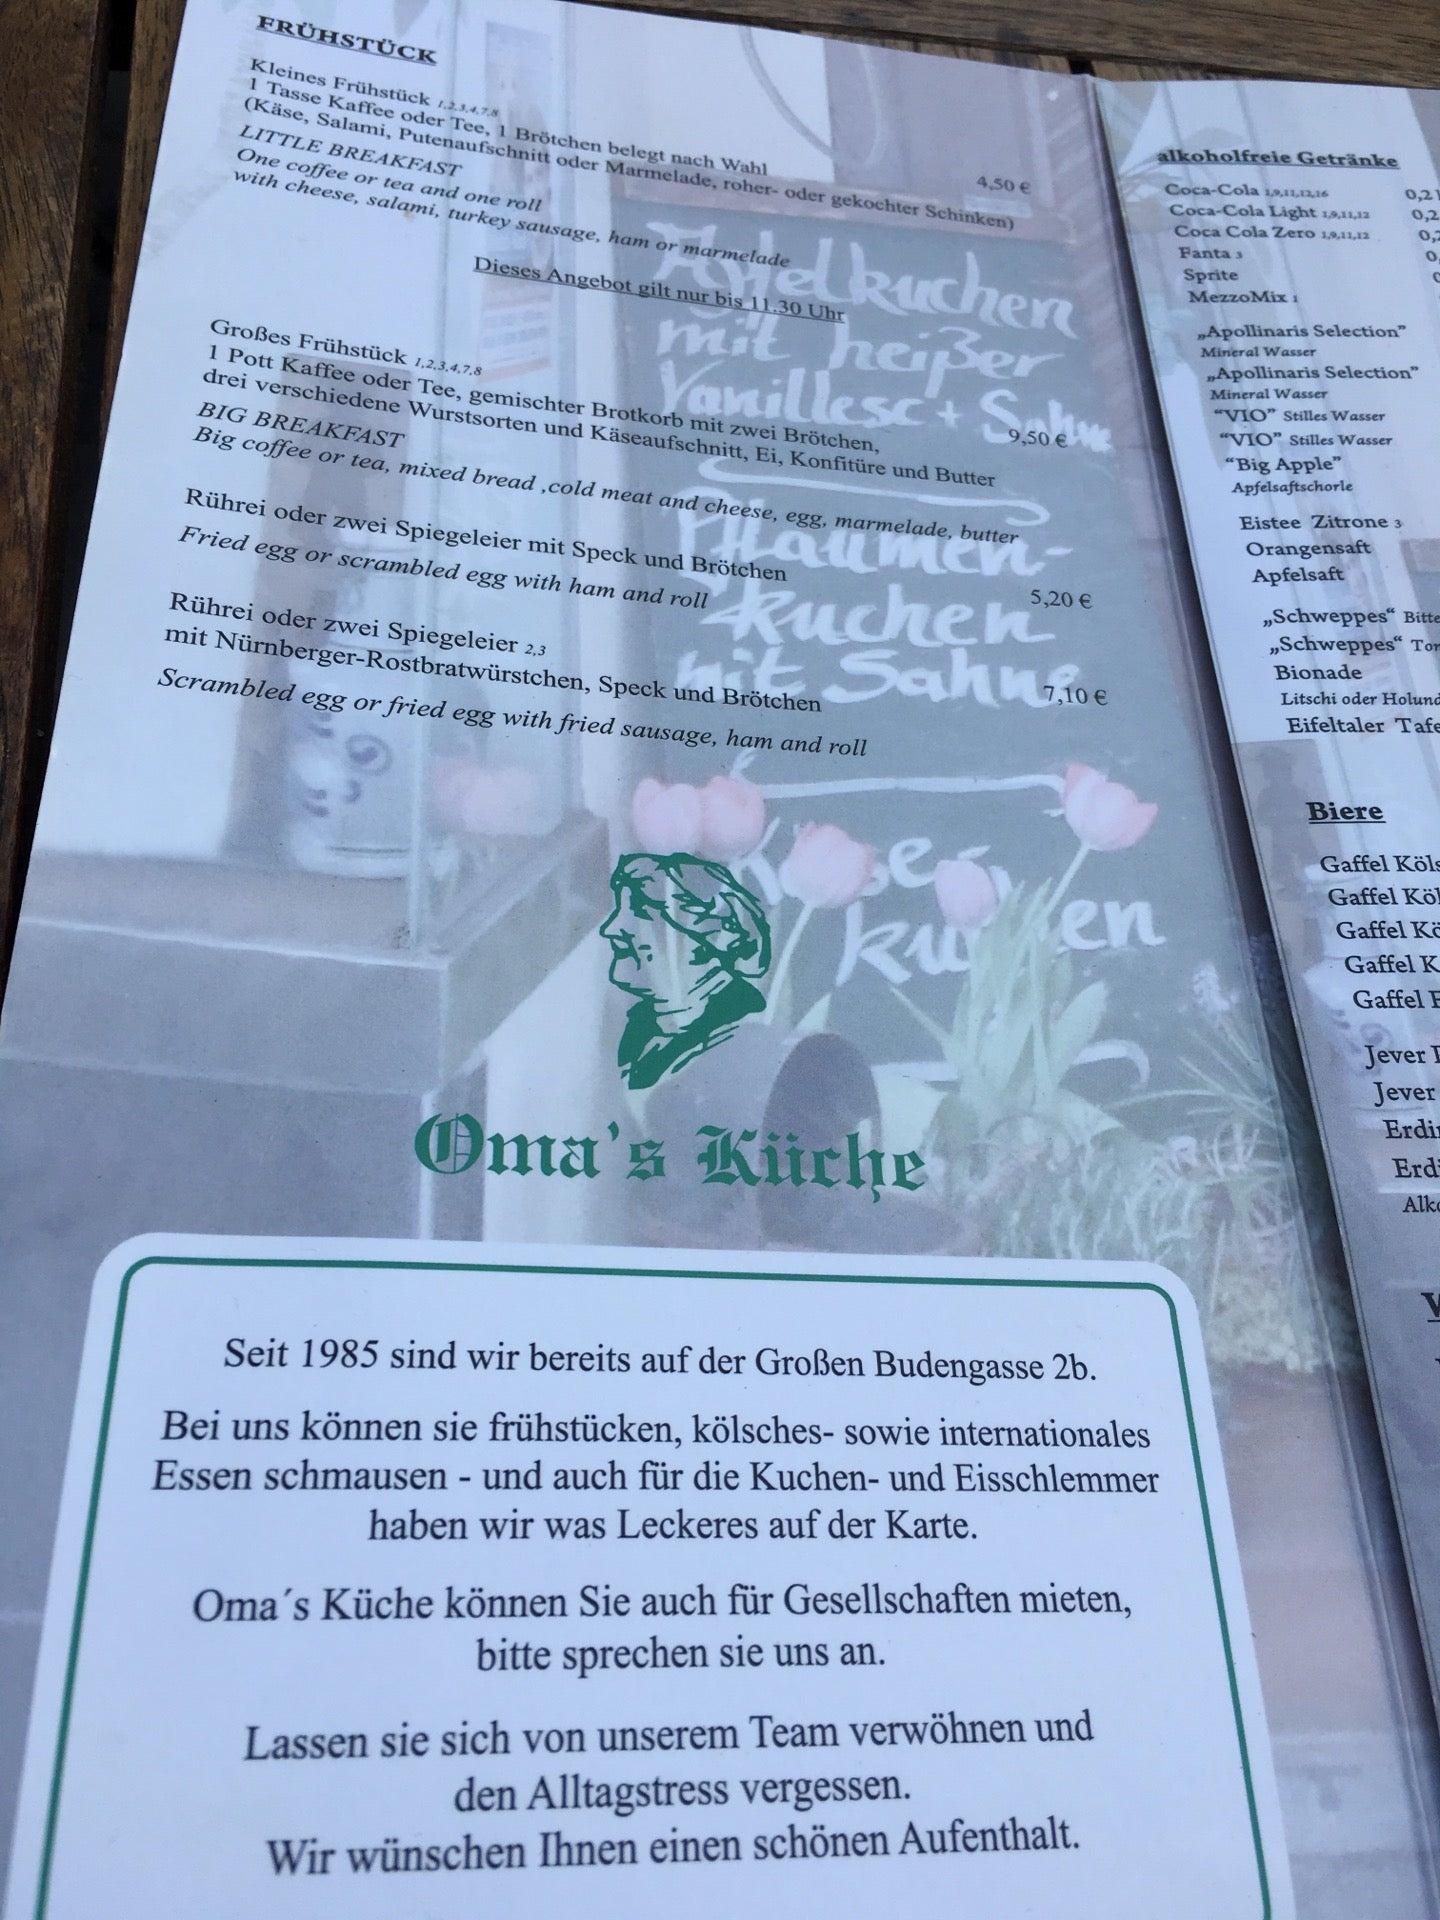 Speisekarte von Oma\'s Küche in Köln mit Preisen